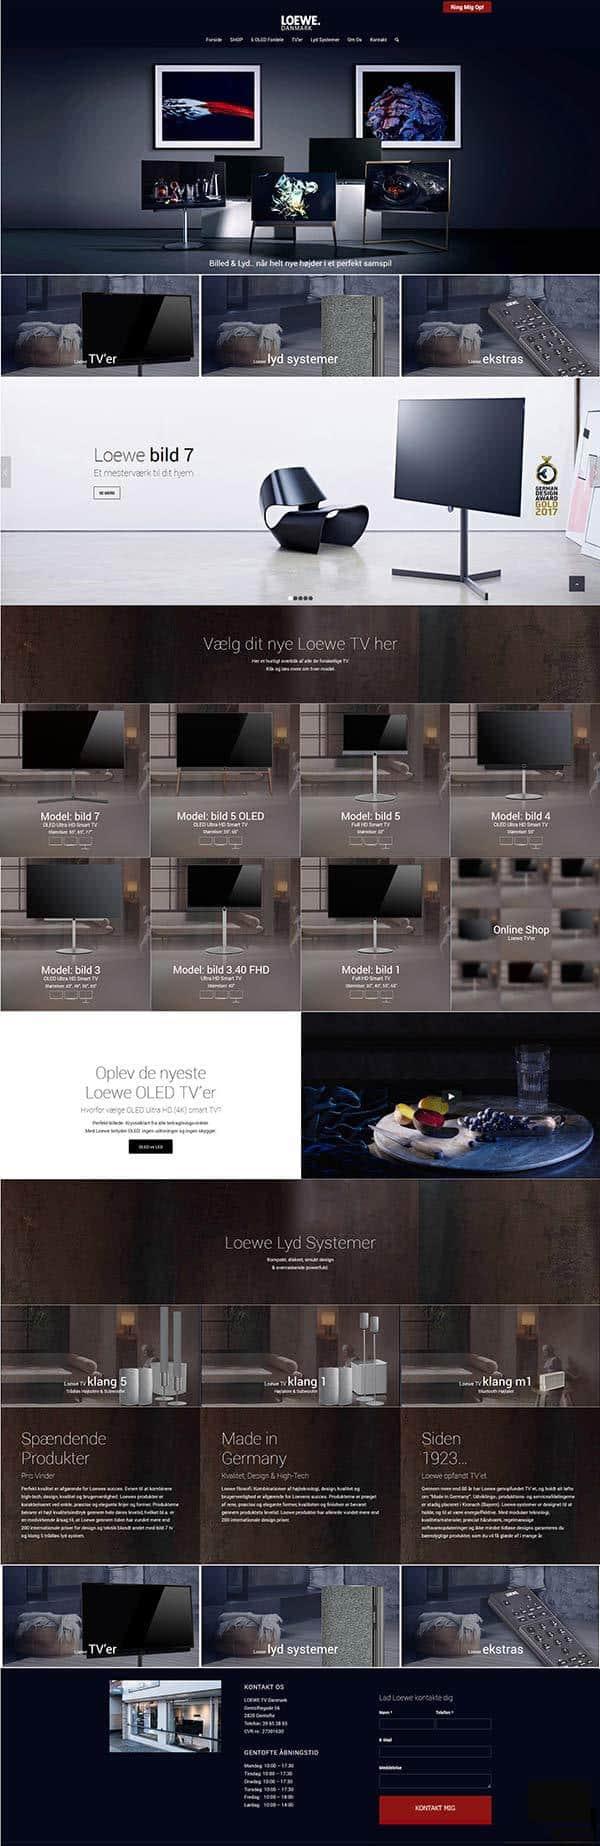 Forside snapshot af nyt hjemmeside